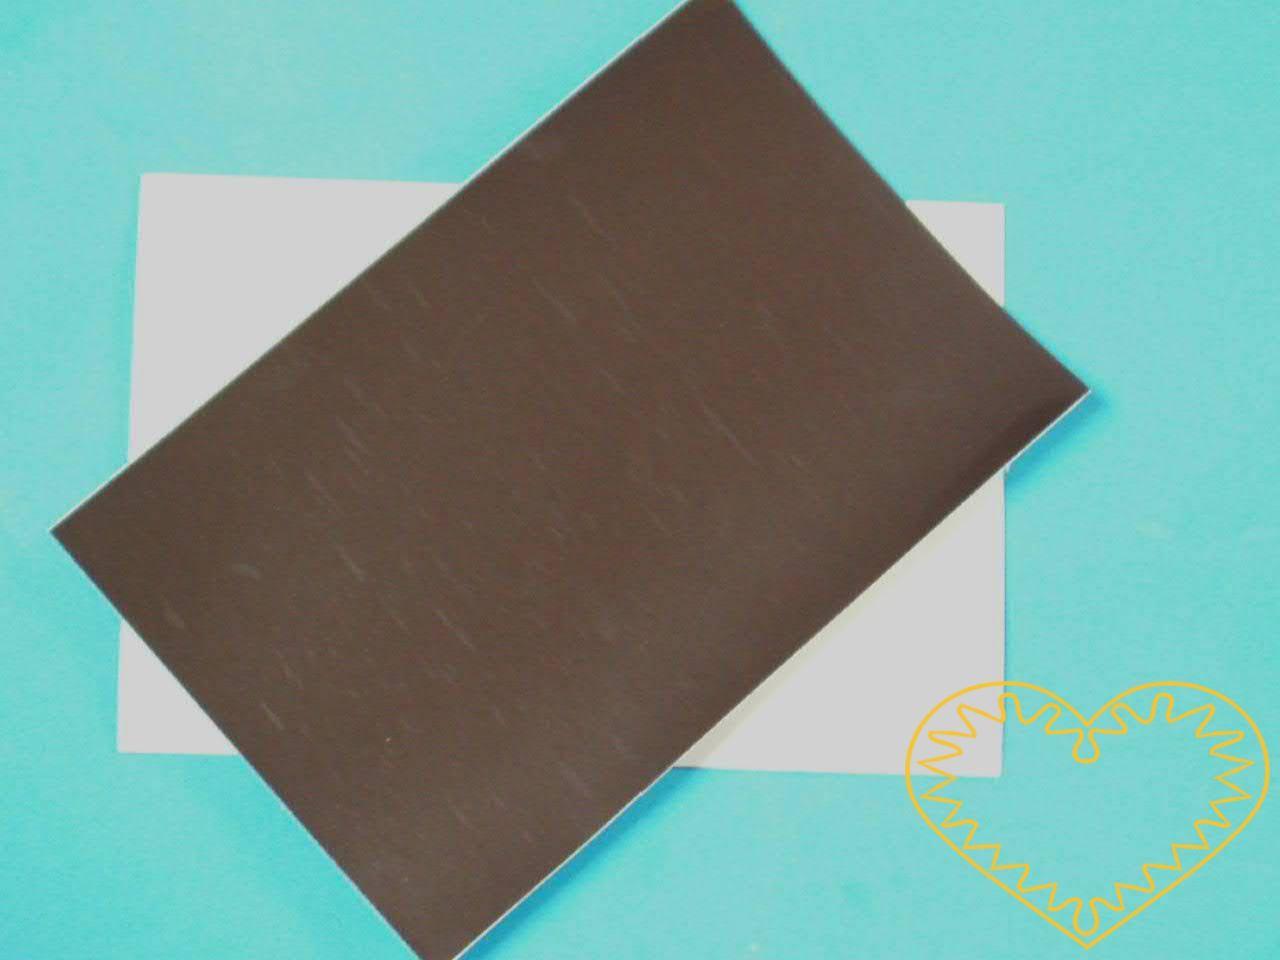 Bílý magnetický fotopapír Foto Premium Plus rozměru A4 (210 x 297 mm) - pro inkoustové tiskárny. Magnetický fotopapír je určen pro mnohostranné využití, ať již pro výtisky plnobarevných fotografií, nebo pro tisky informačních tabulek, předpisů nebo p